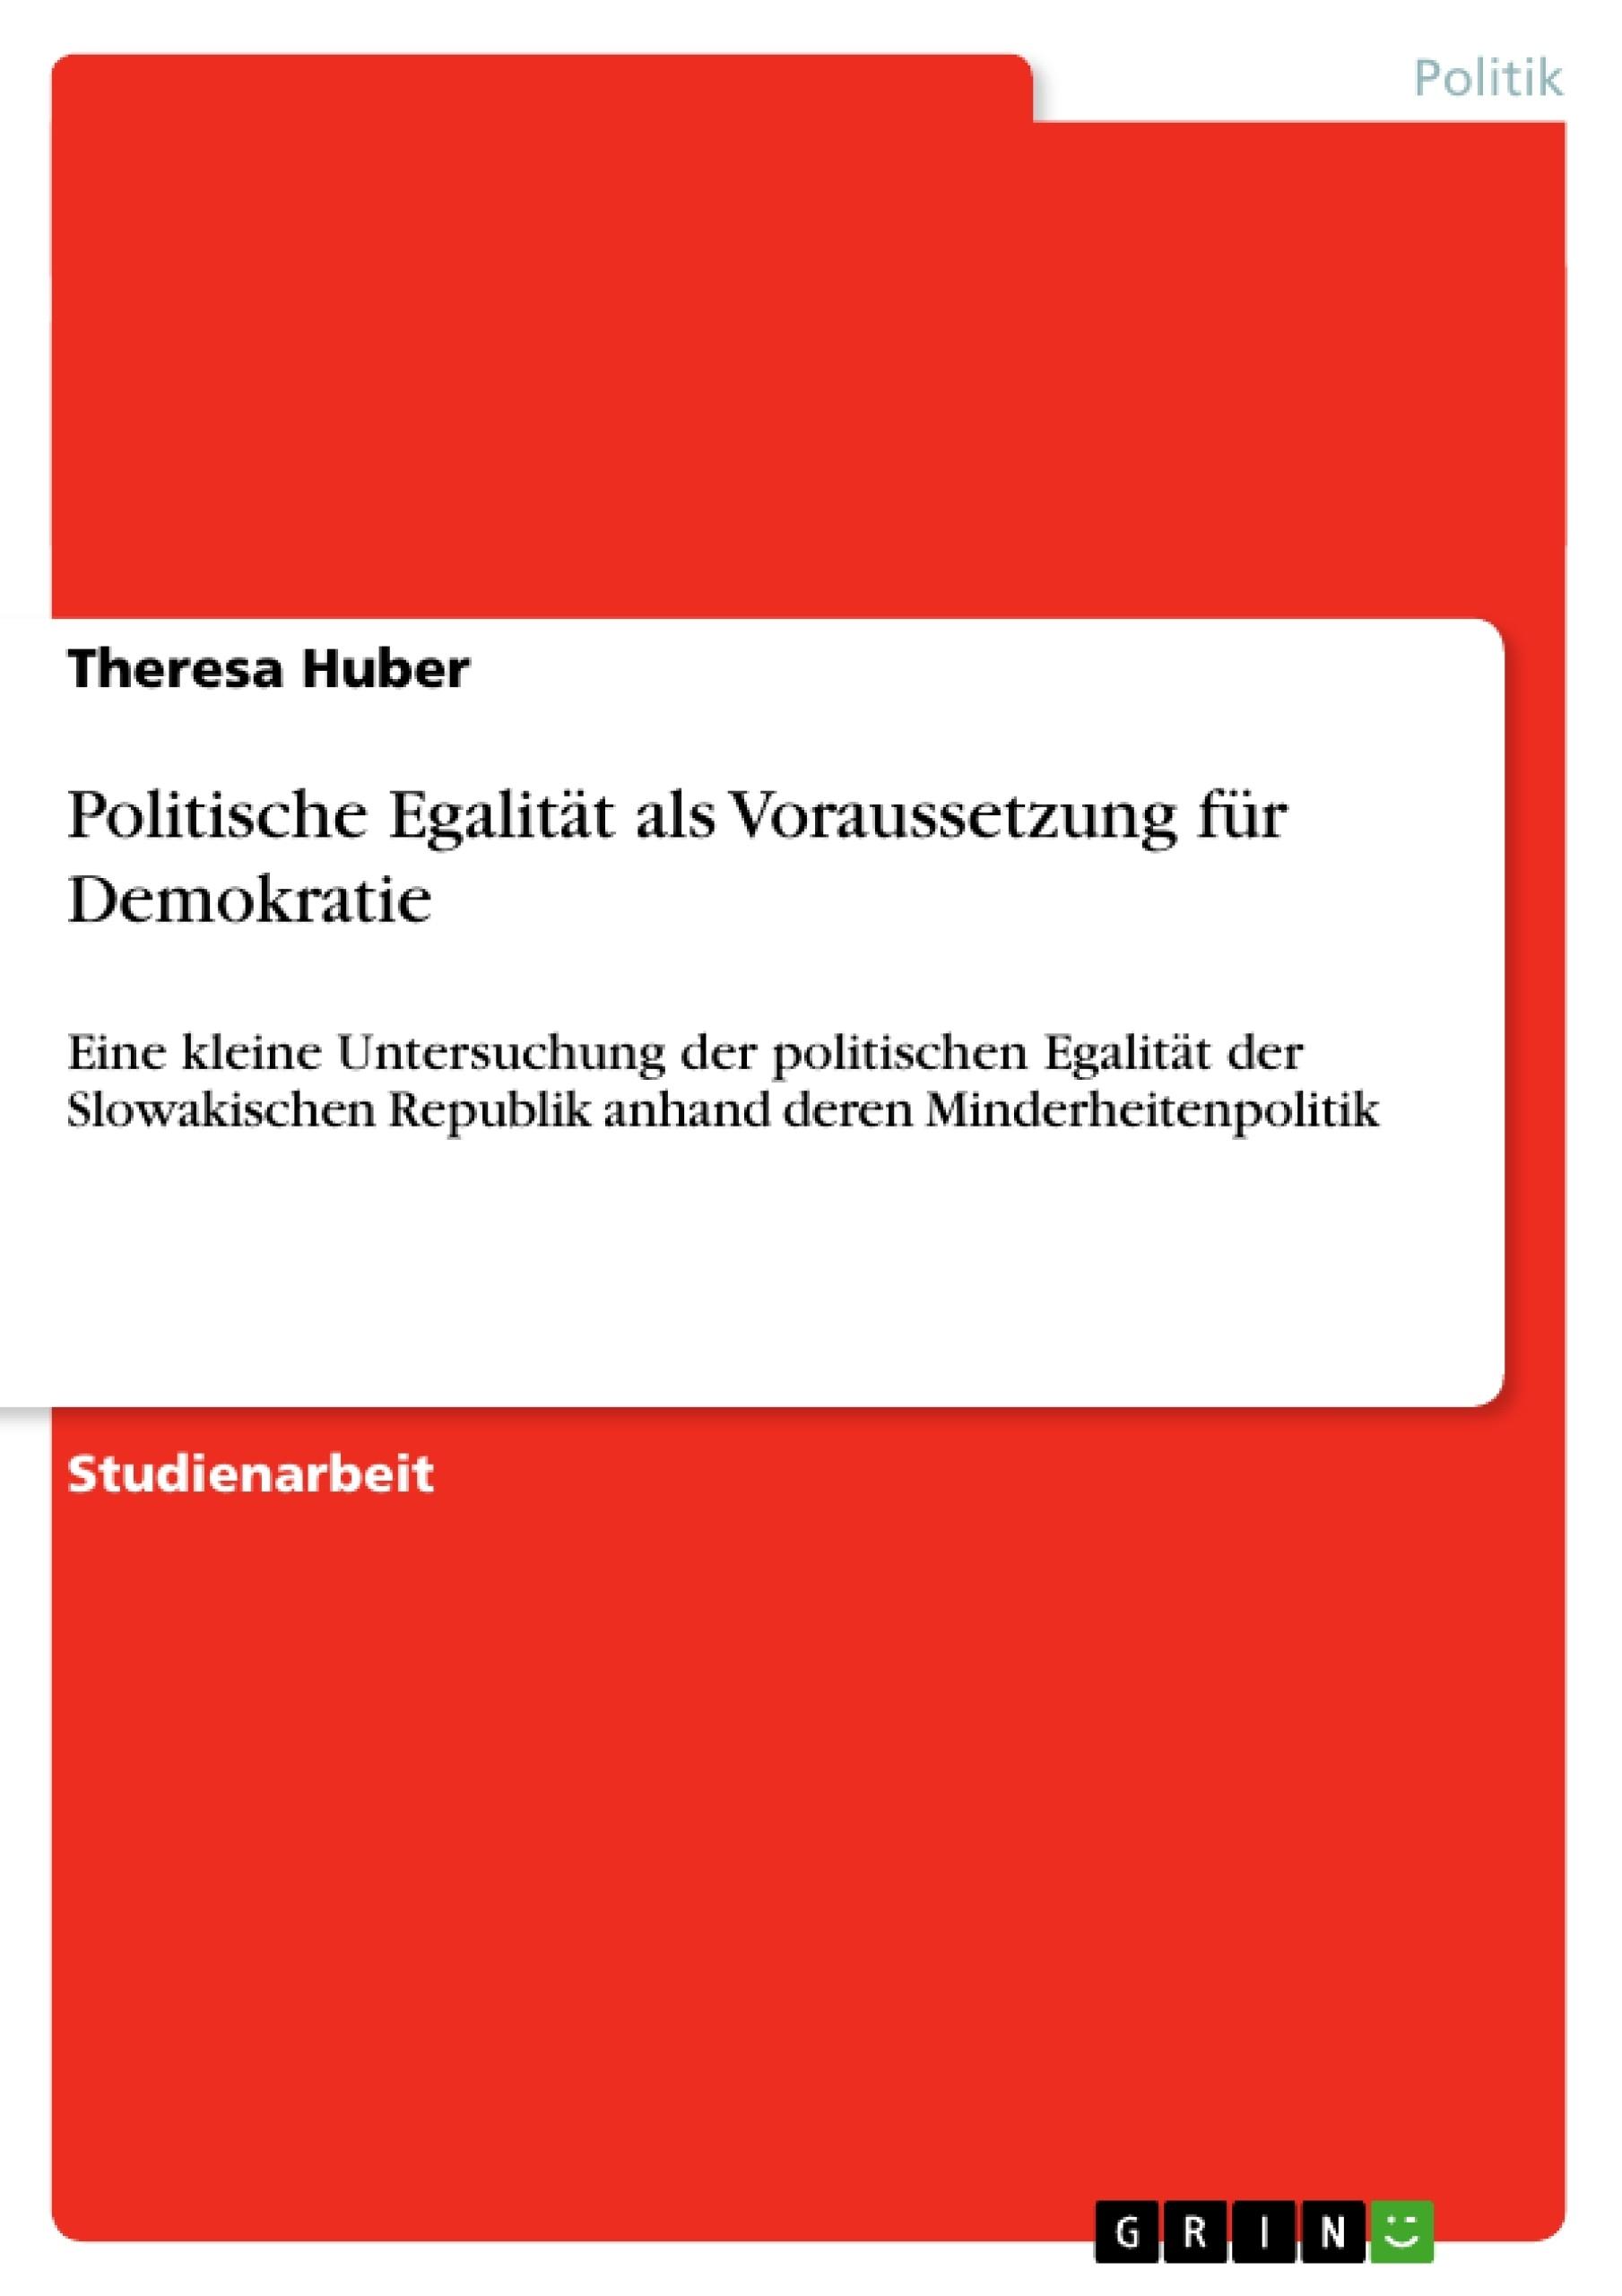 Titel: Politische Egalität als Voraussetzung für Demokratie